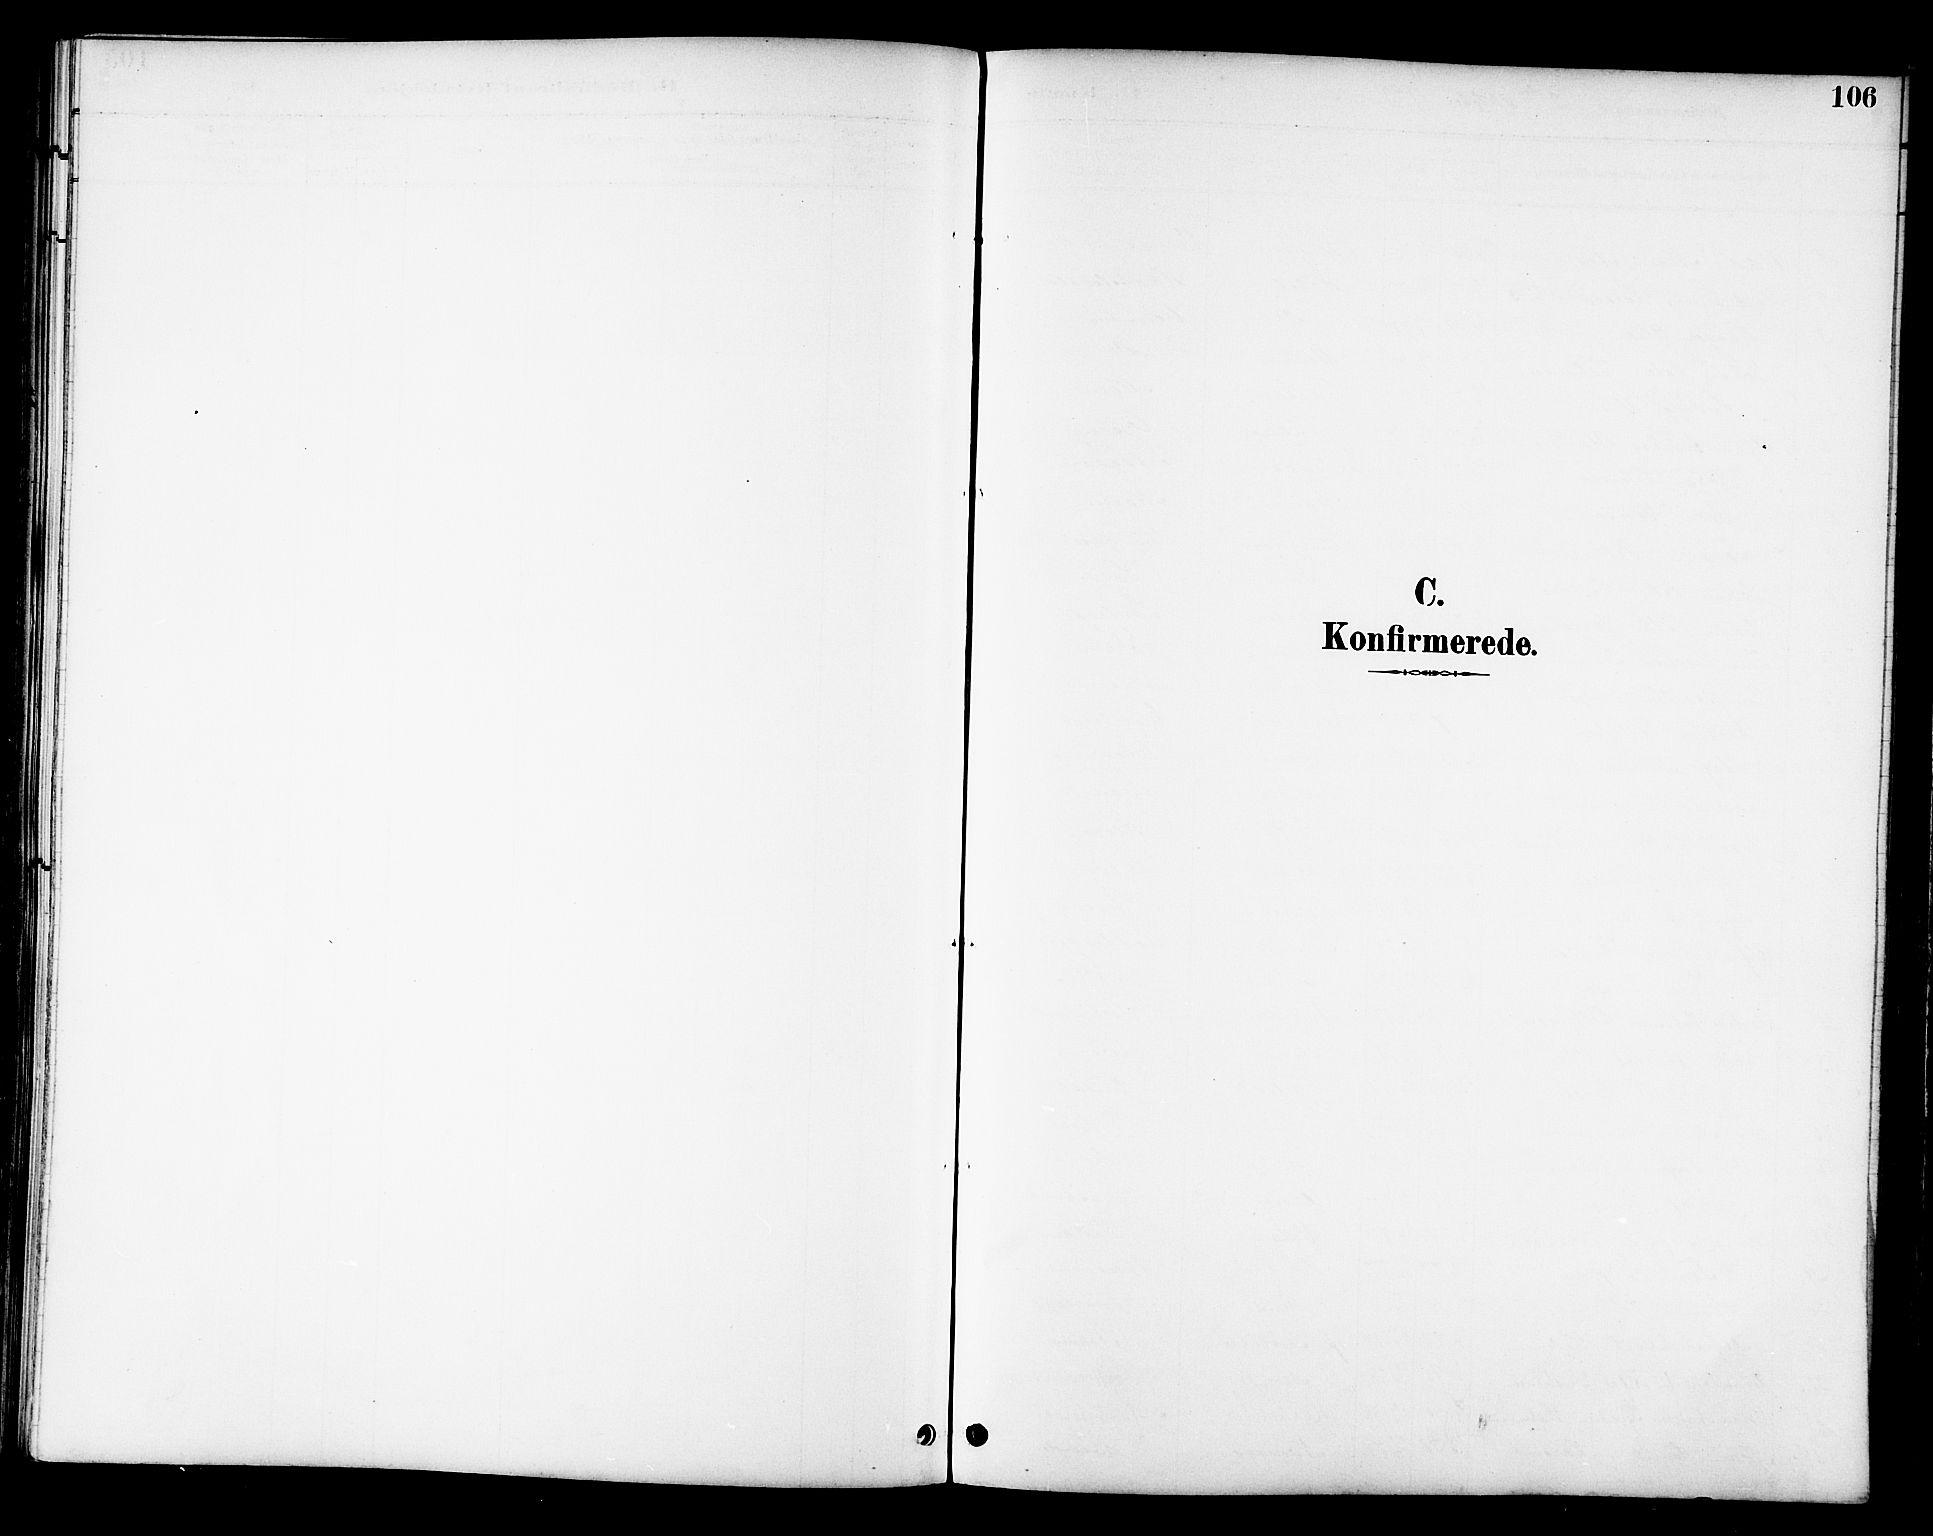 SAT, Ministerialprotokoller, klokkerbøker og fødselsregistre - Nord-Trøndelag, 709/L0087: Klokkerbok nr. 709C01, 1892-1913, s. 106